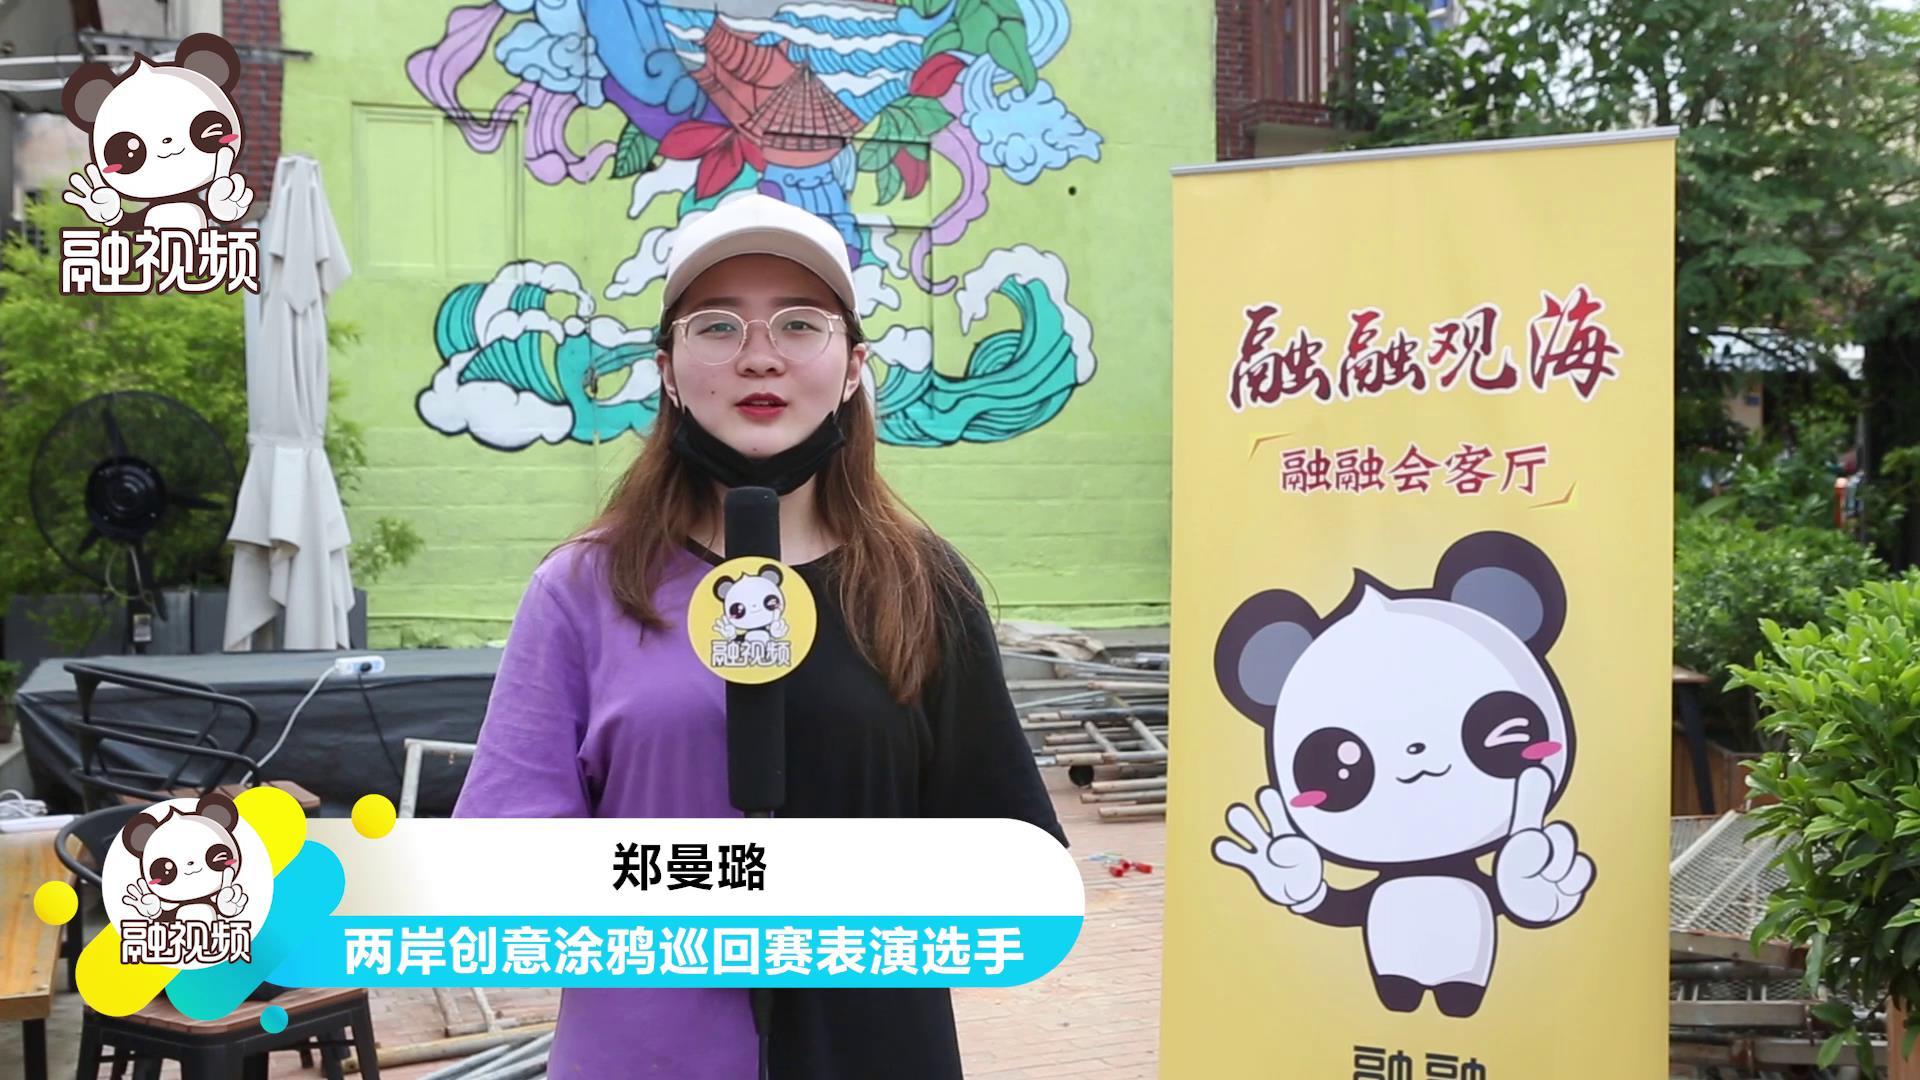 【文艺女青年张曼璐:与台湾小伙伴在碰撞中相互理解】福州大学厦门工艺美院在校生郑曼璐是今年两岸创意涂鸦巡回赛的表演选手,她在参加这项活动前从未与台湾同学有过交集。在涂鸦巡回赛中,郑曼璐与台湾小伙伴在碰撞中不断相互理解包容,现在她盼望与更多的台湾同学交流合作。图片